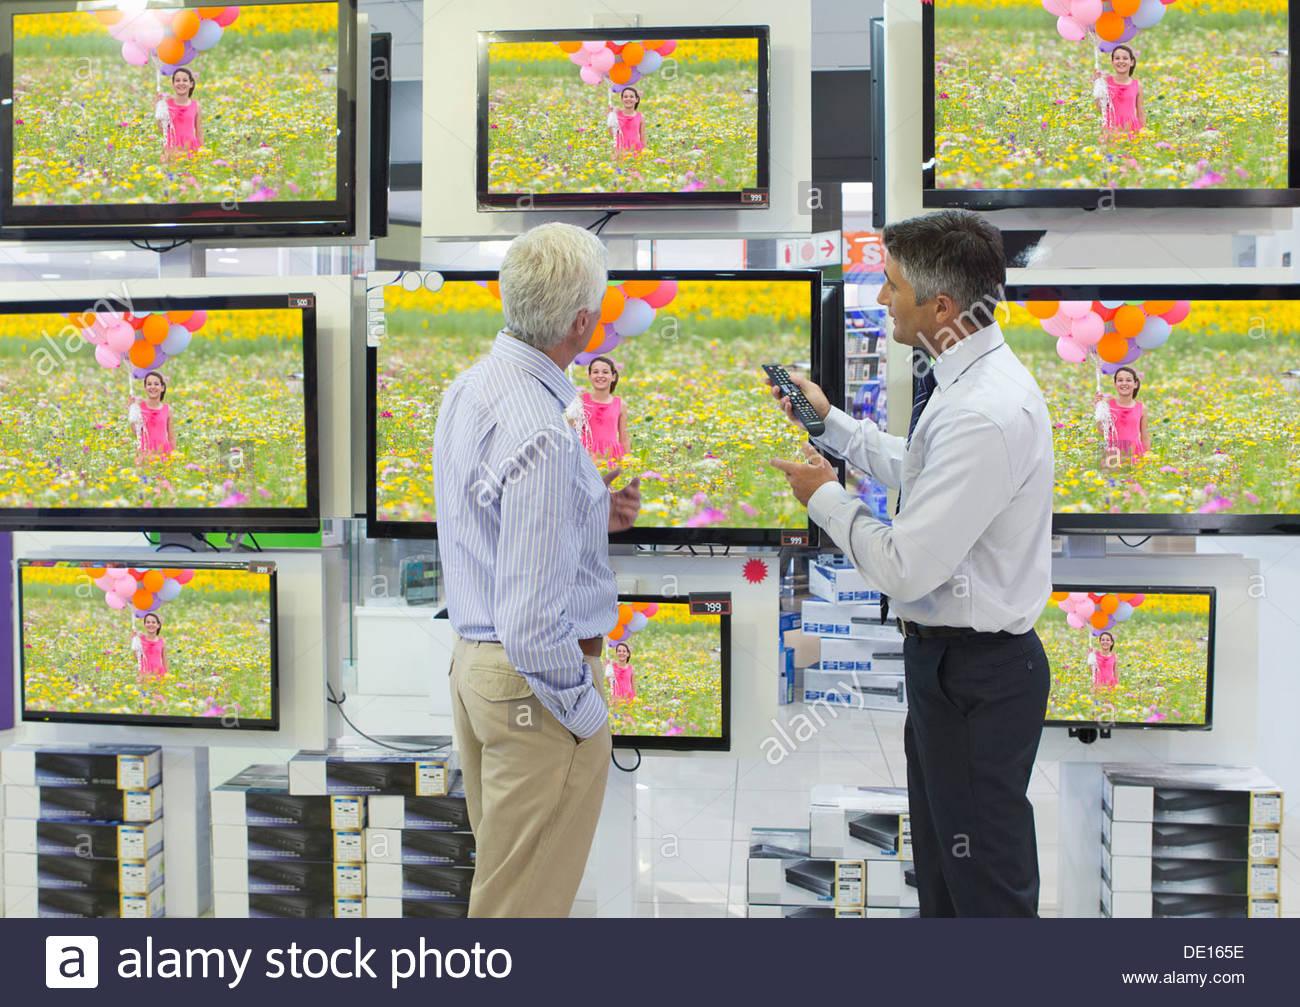 Vendeur montrant senior man d'une télévision à écran plat dans votre magasin d'électronique Photo Stock